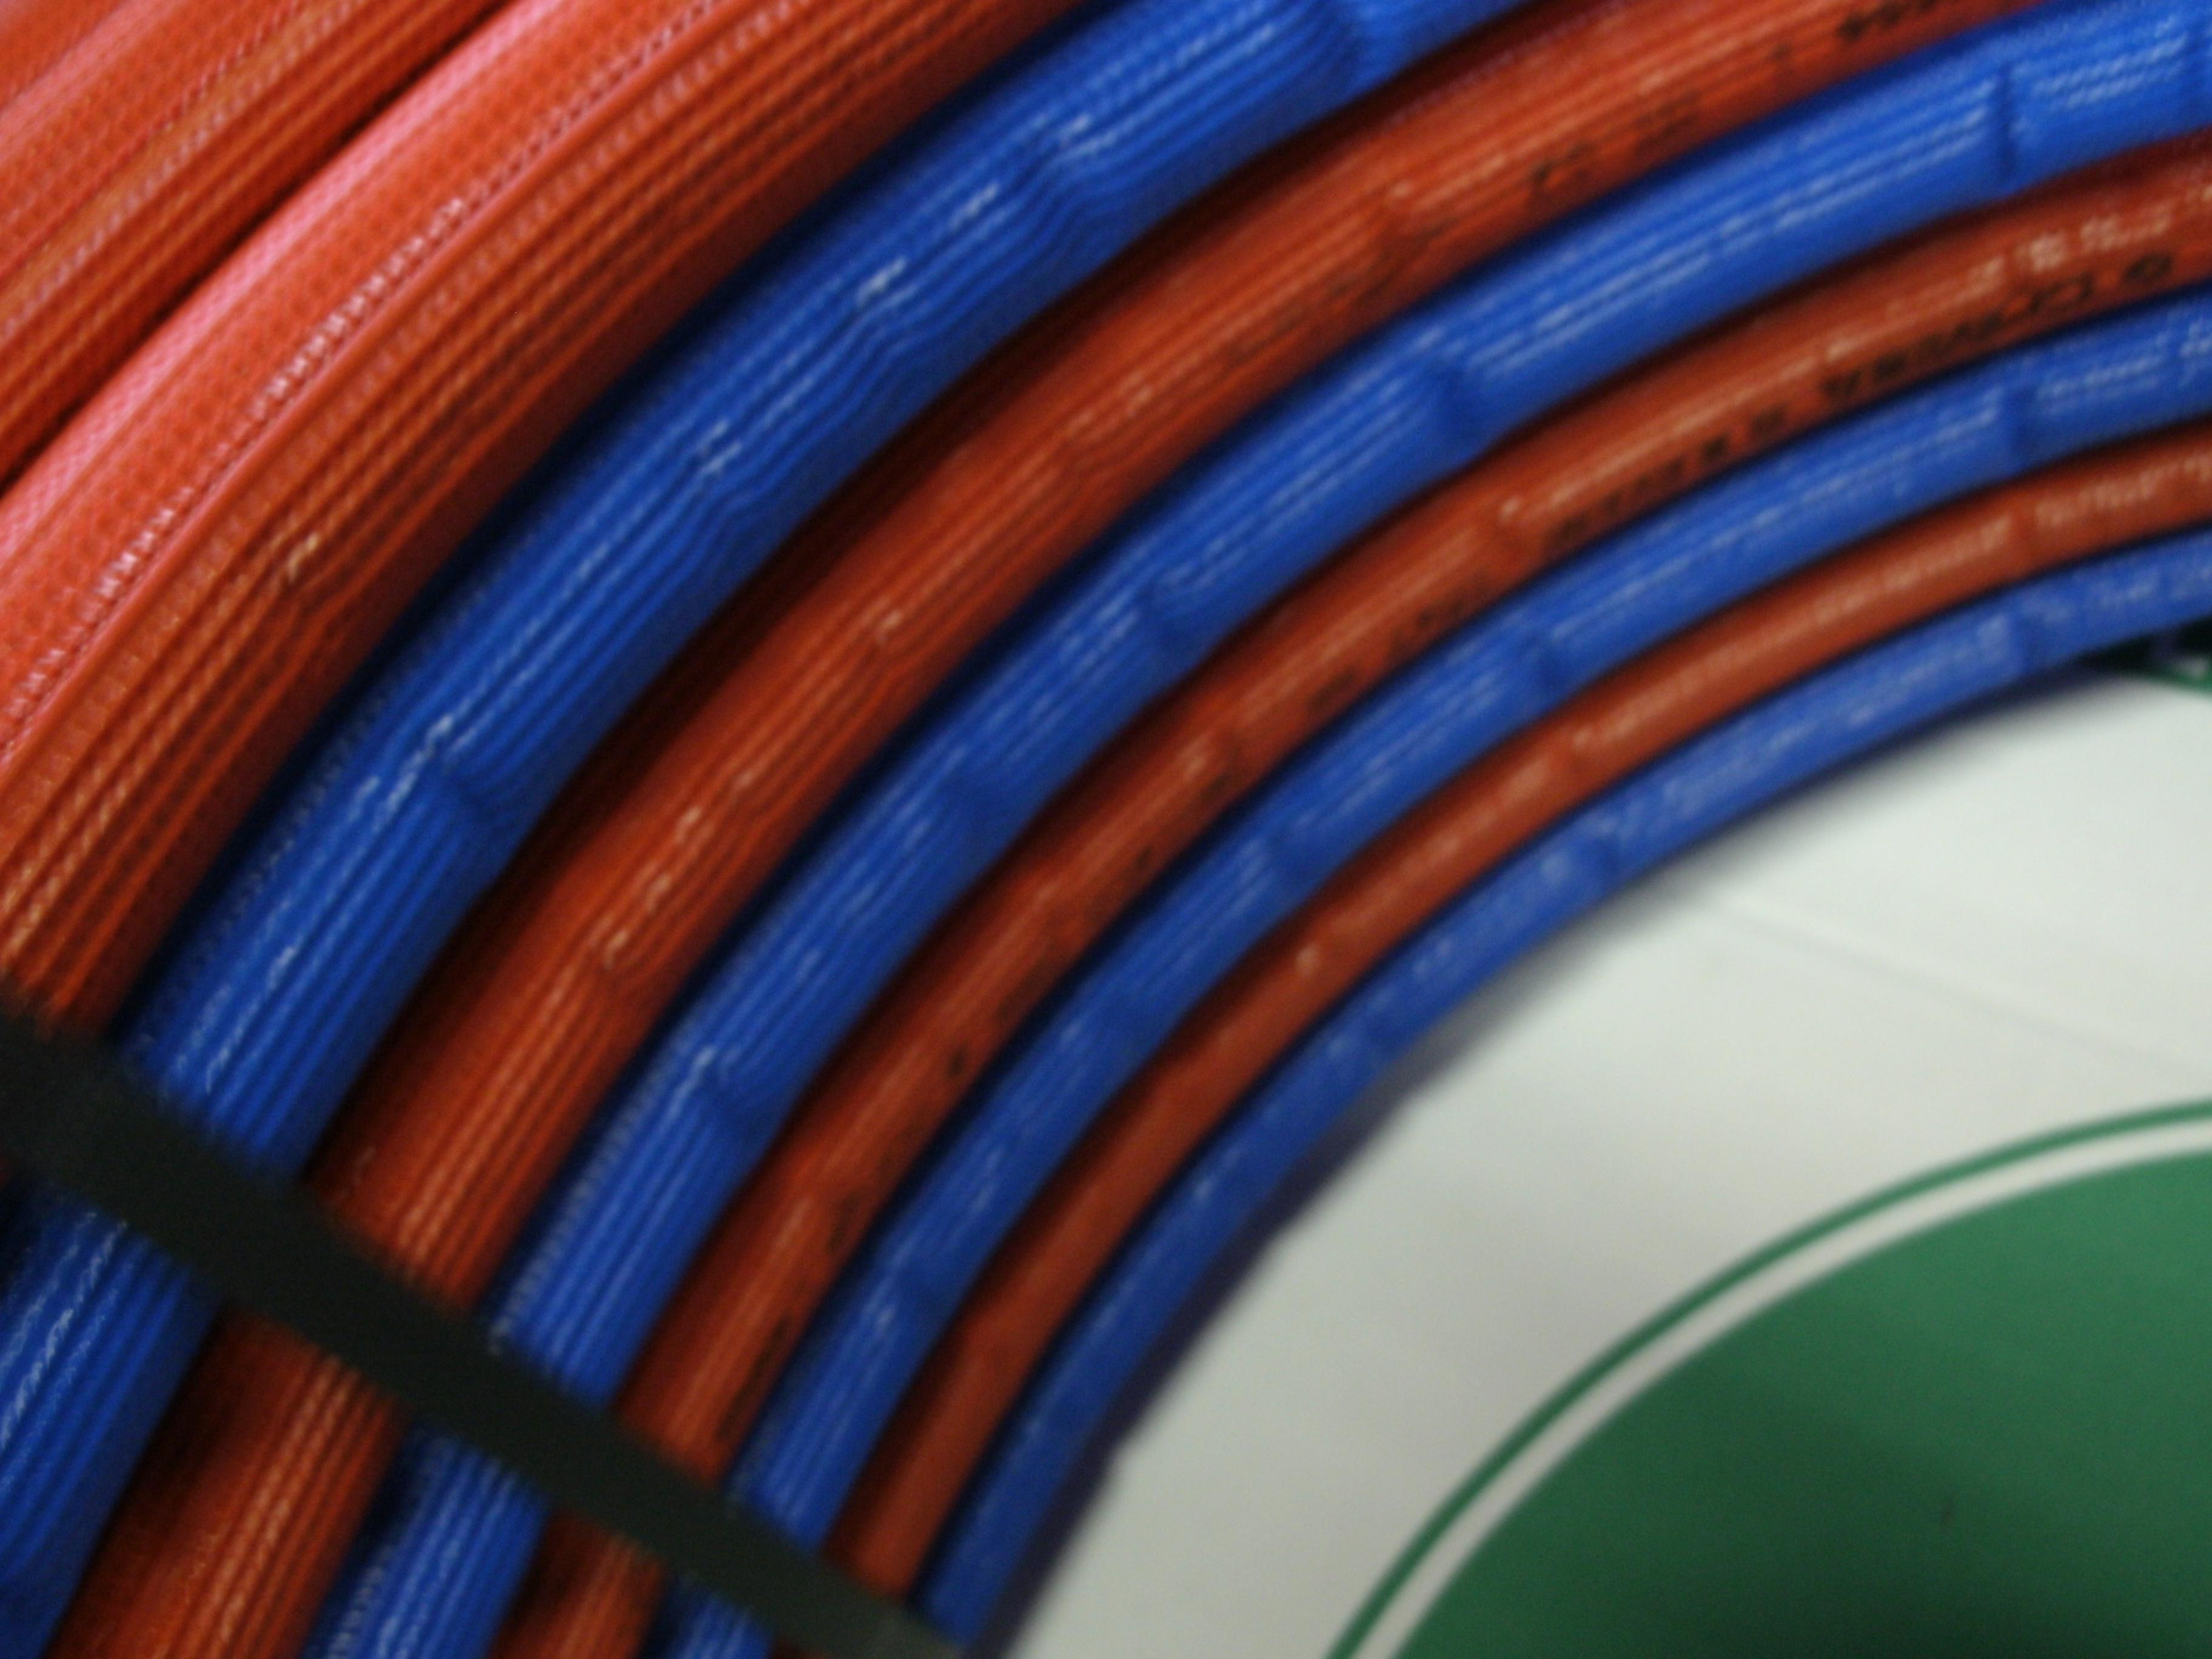 B8 nieuw gekoppelde iso meerlagenbuis rood blauw warm koud water aanvoer retour c v per mtr - Kleur warm en koud ...